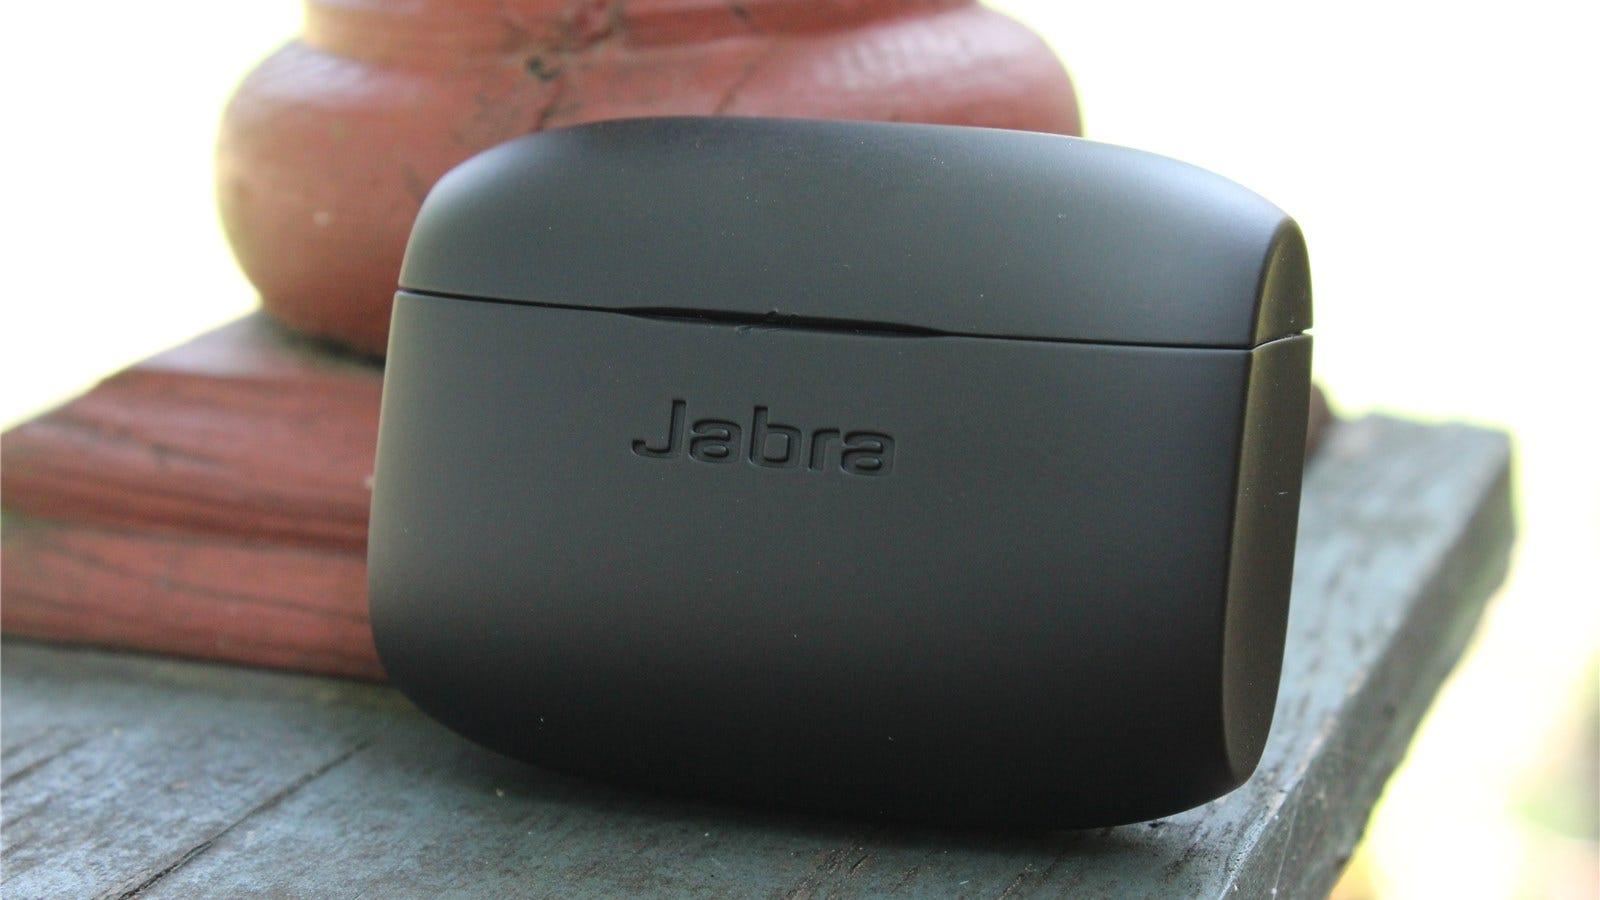 Jabra Elite Active 65t ear buds case.